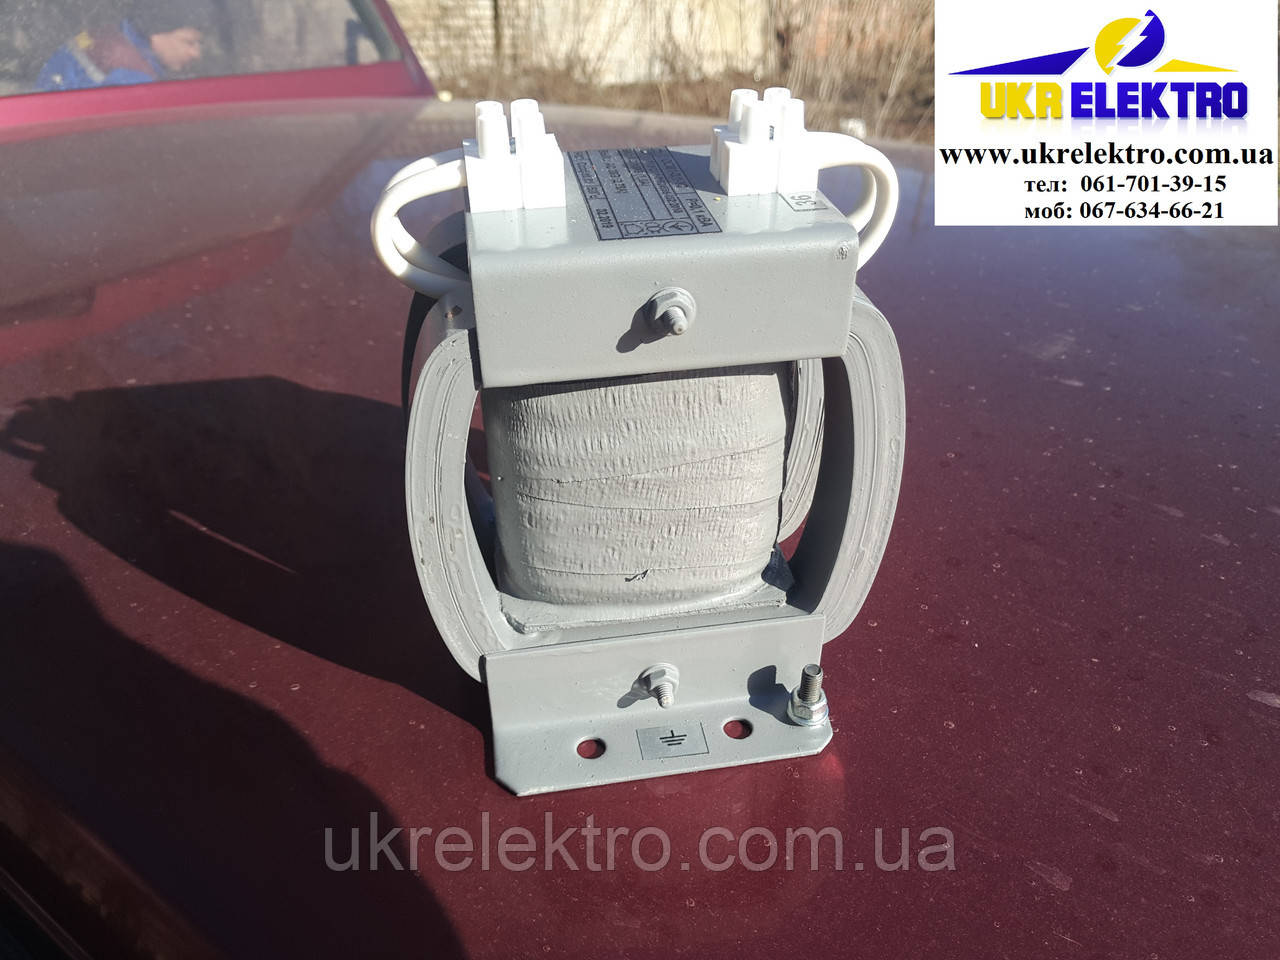 Трансформатор ОСМ-1 0,063